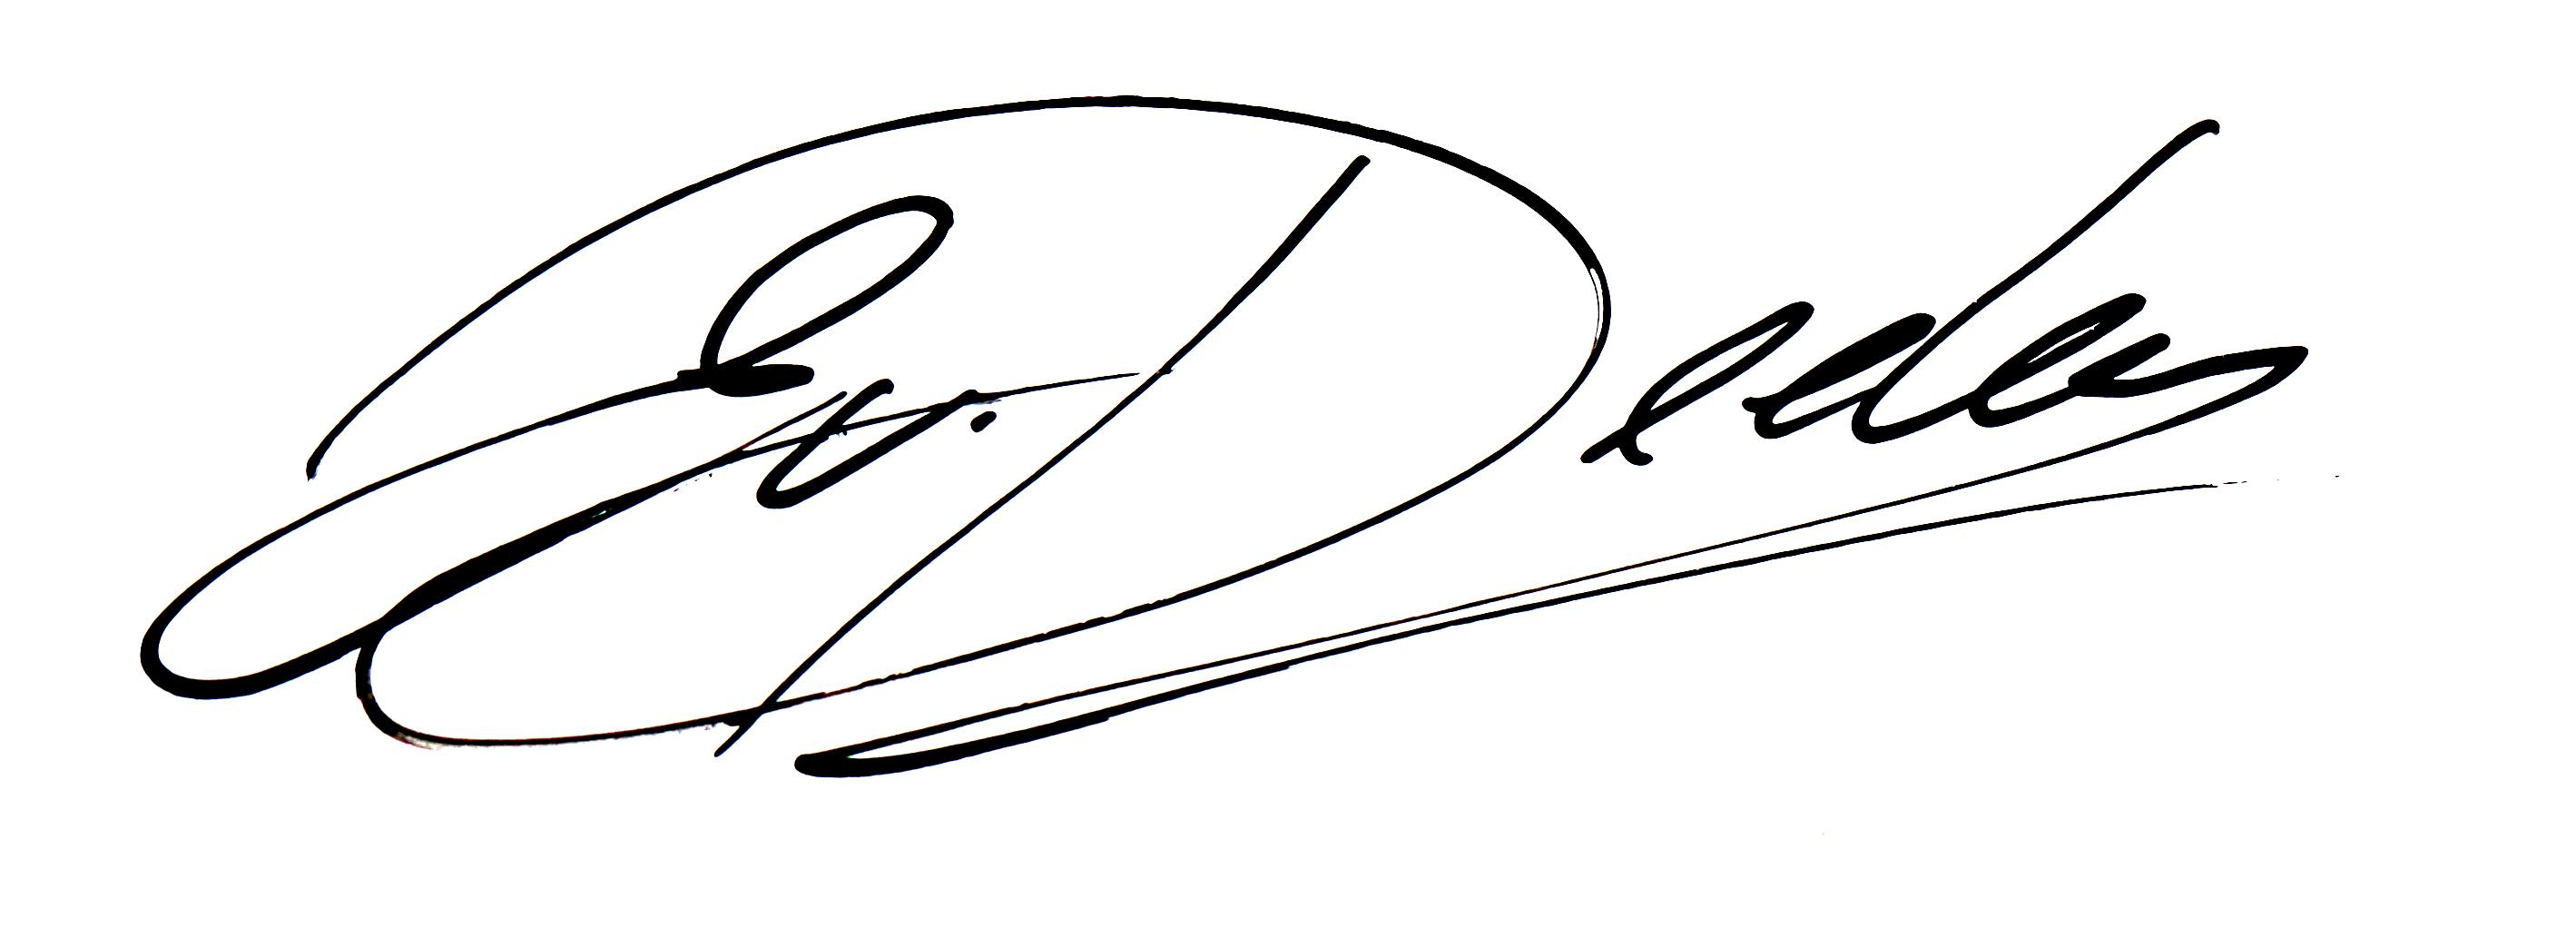 Ellen van Deelen's Signature